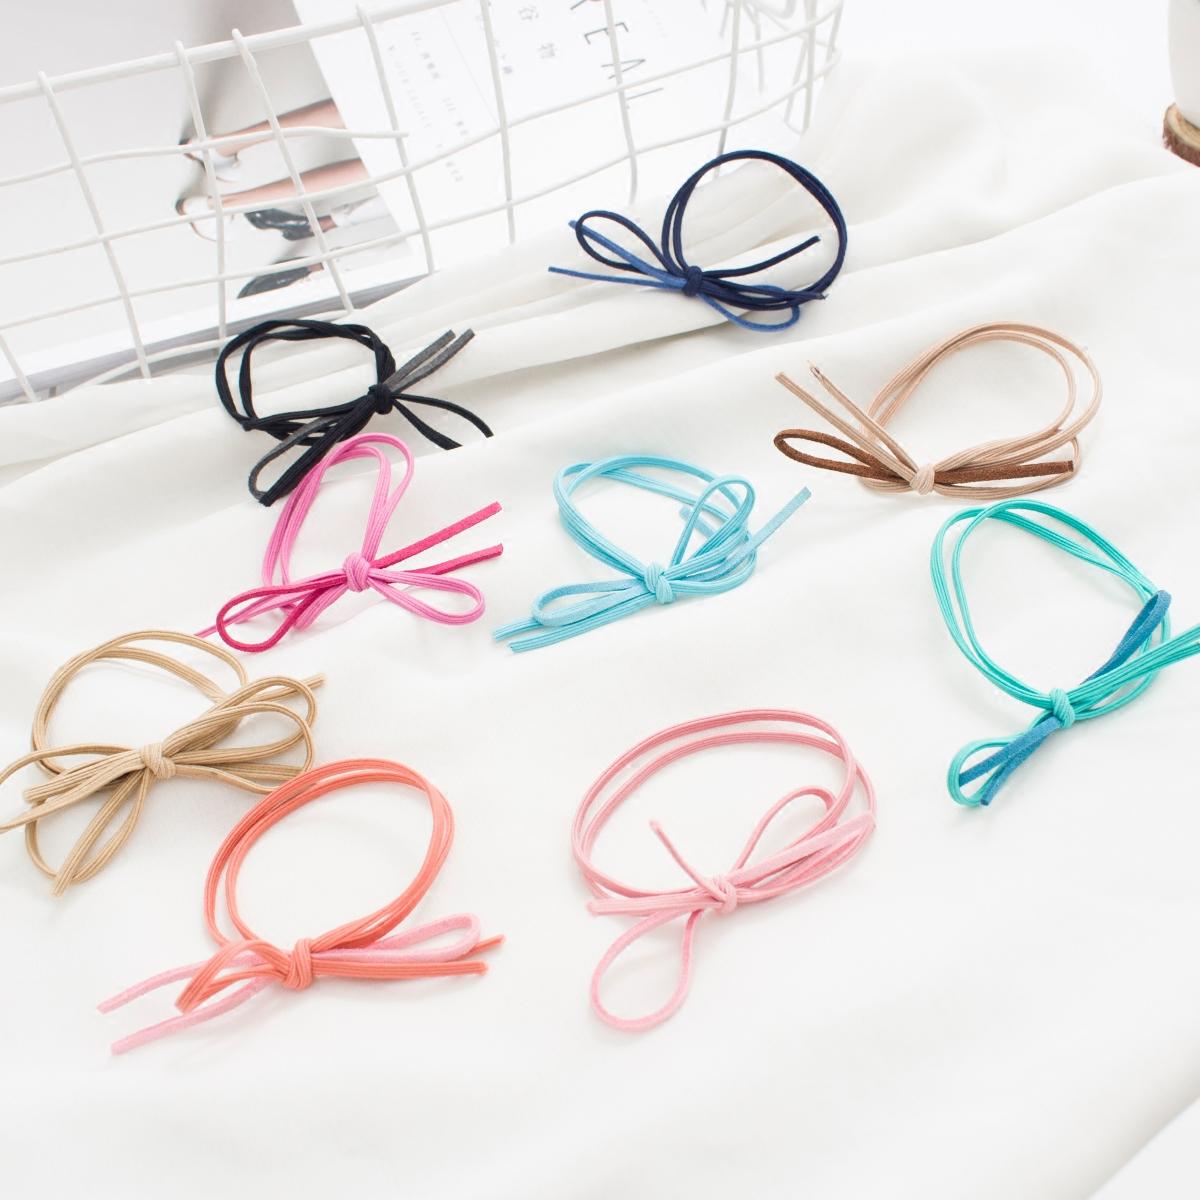 Корея простой галстук-бабочка волос круг послать веревку корейский наконечник волосы ластик мышца голова кобура головной убор средства для волос украшения высокоэластичный